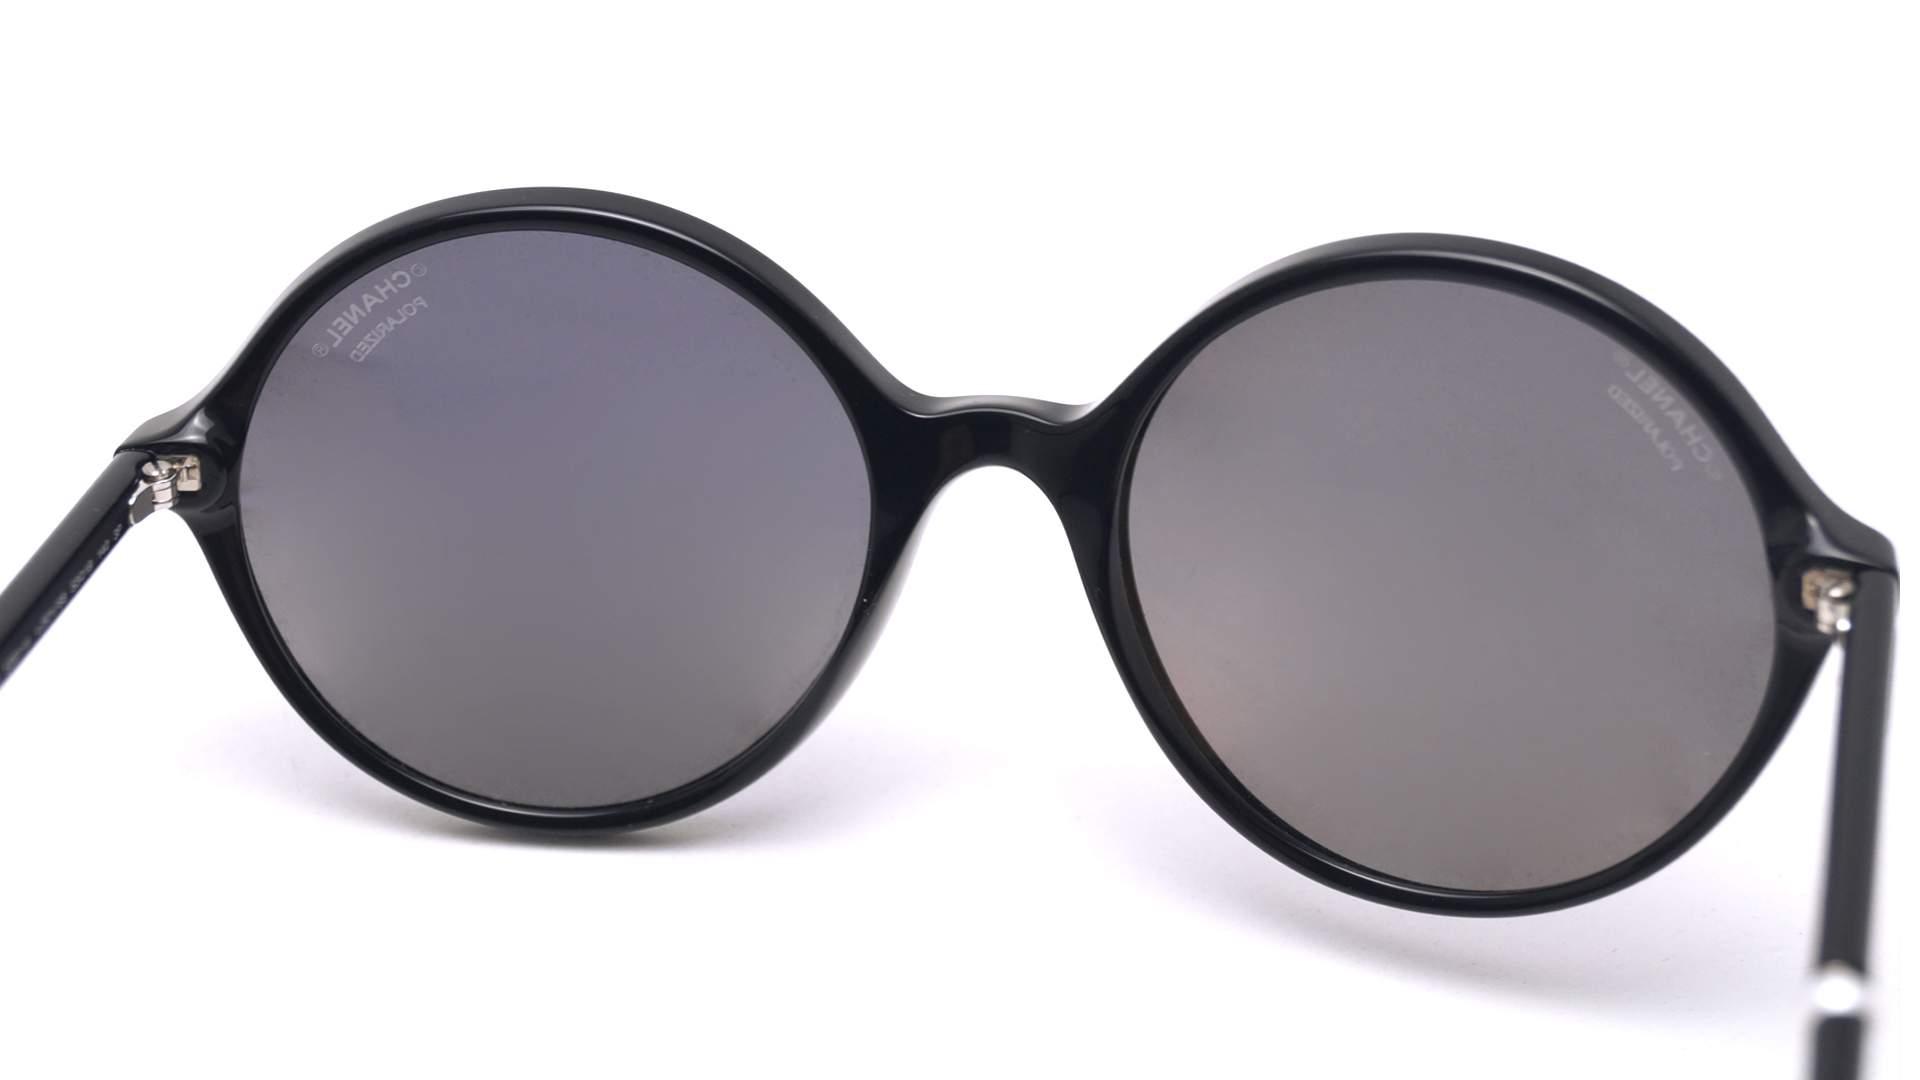 d122f8f281dac4 Lunettes de soleil Chanel CH5391H C501 S8 53-19 Noir Medium Polarisés